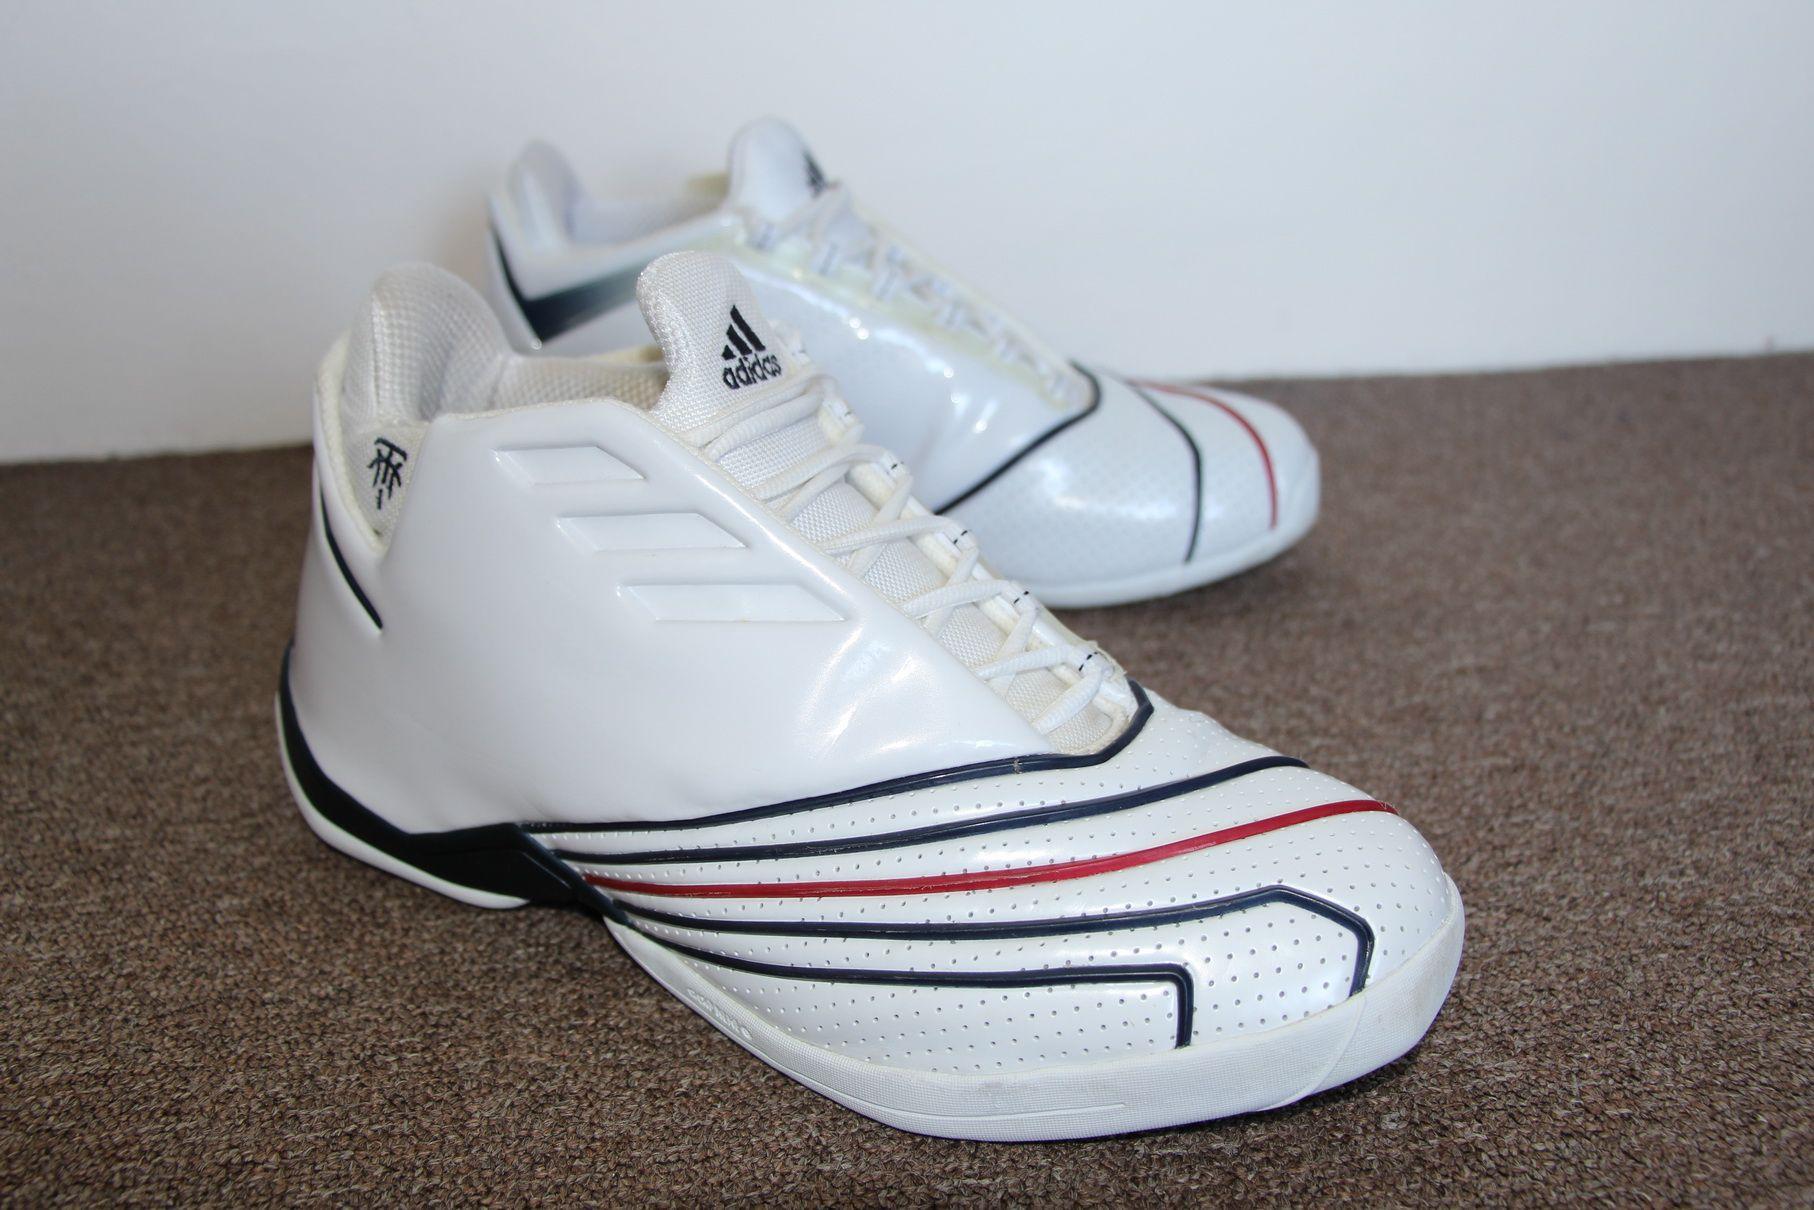 a981c057b9dc Adidas TMAC 2  Olympic  2003 (Red-White Dark Indigo)